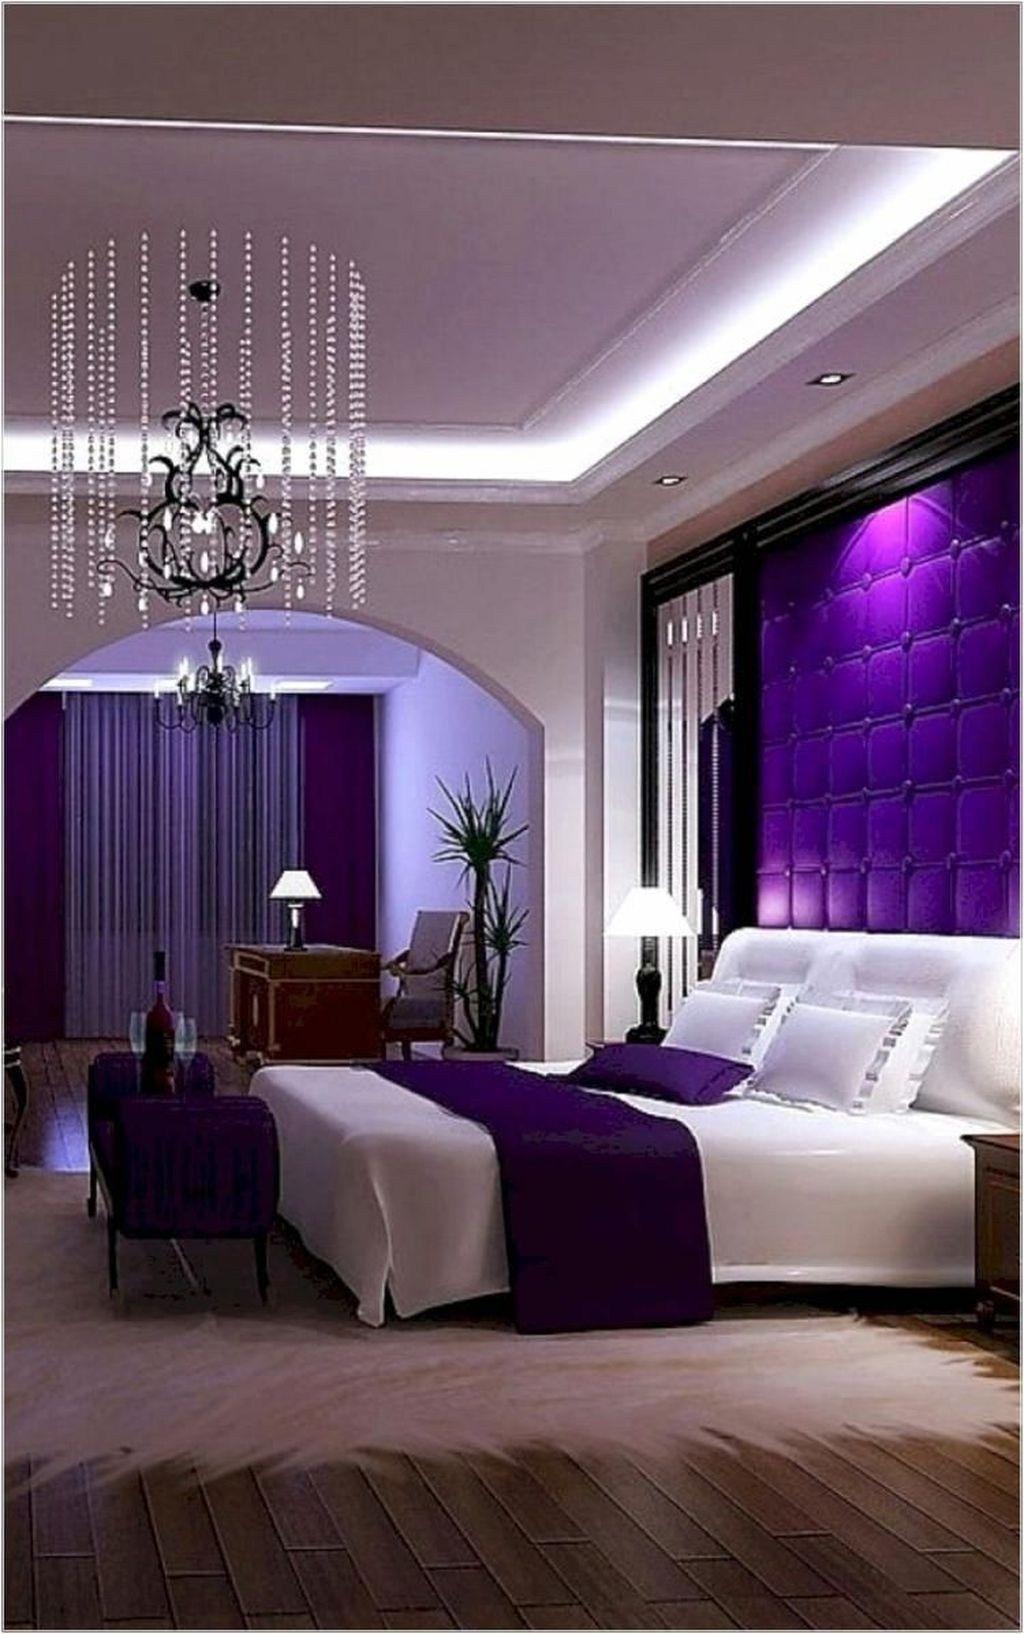 50 inspiring romantic master bedroom ideas for burning on romantic trend master bedroom ideas id=87583